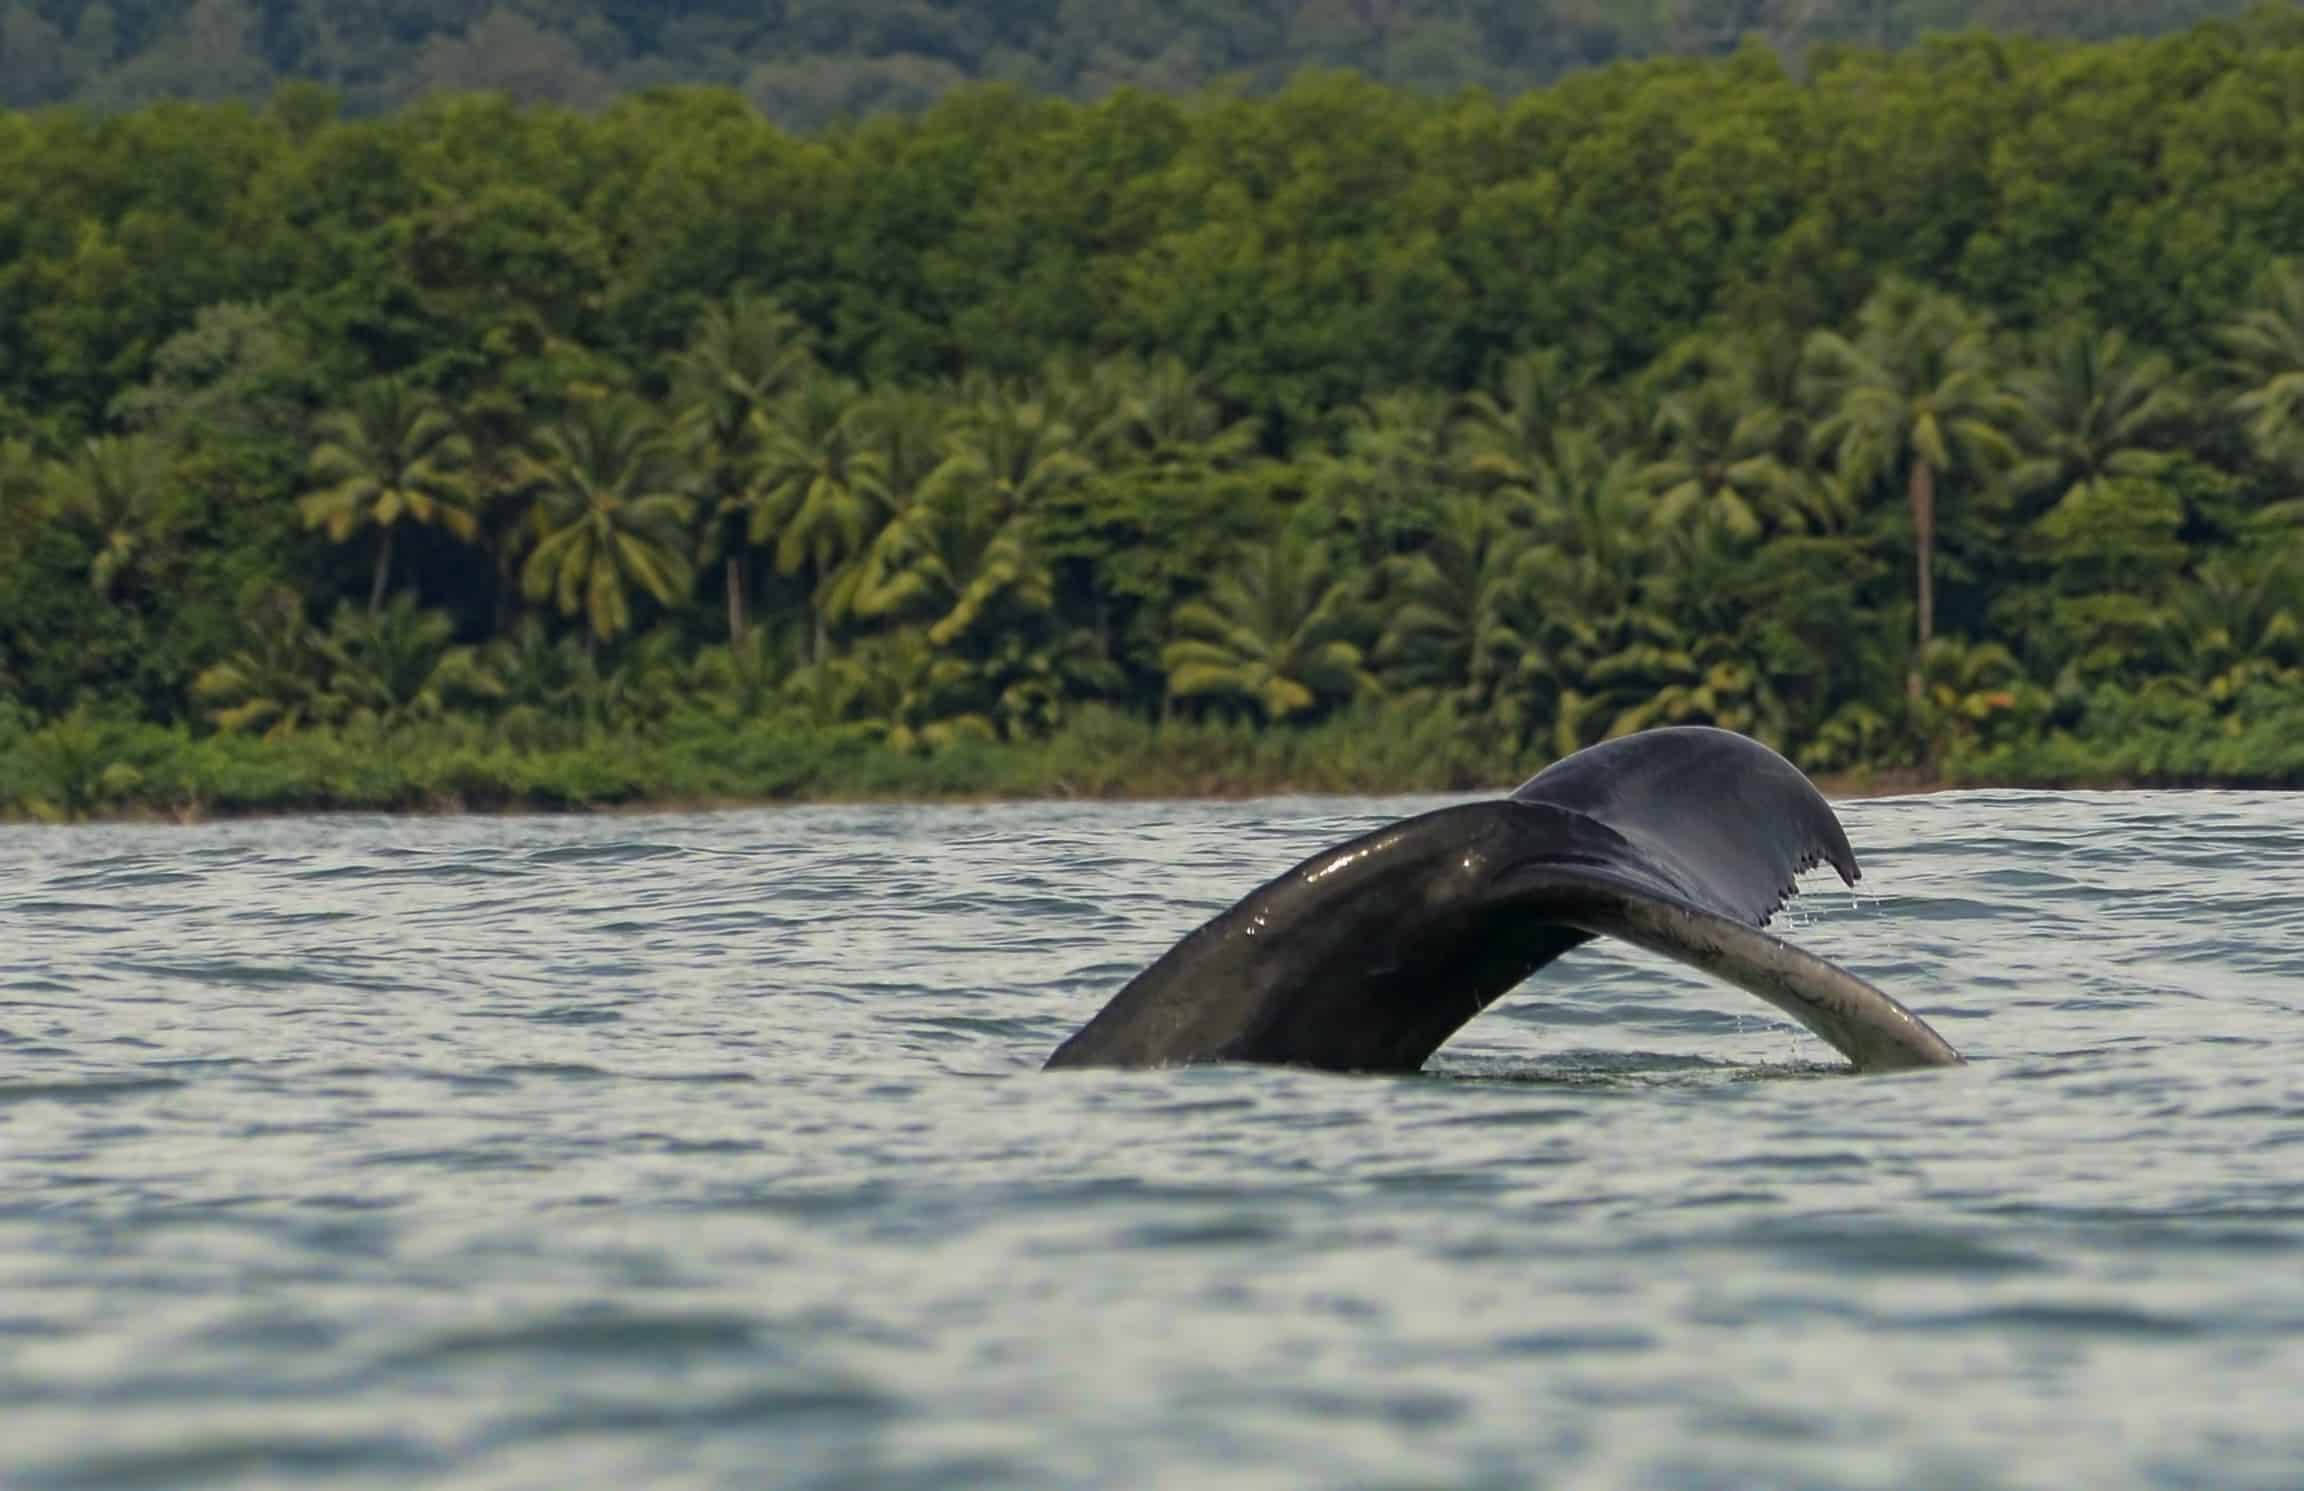 Humpback whale in Osa